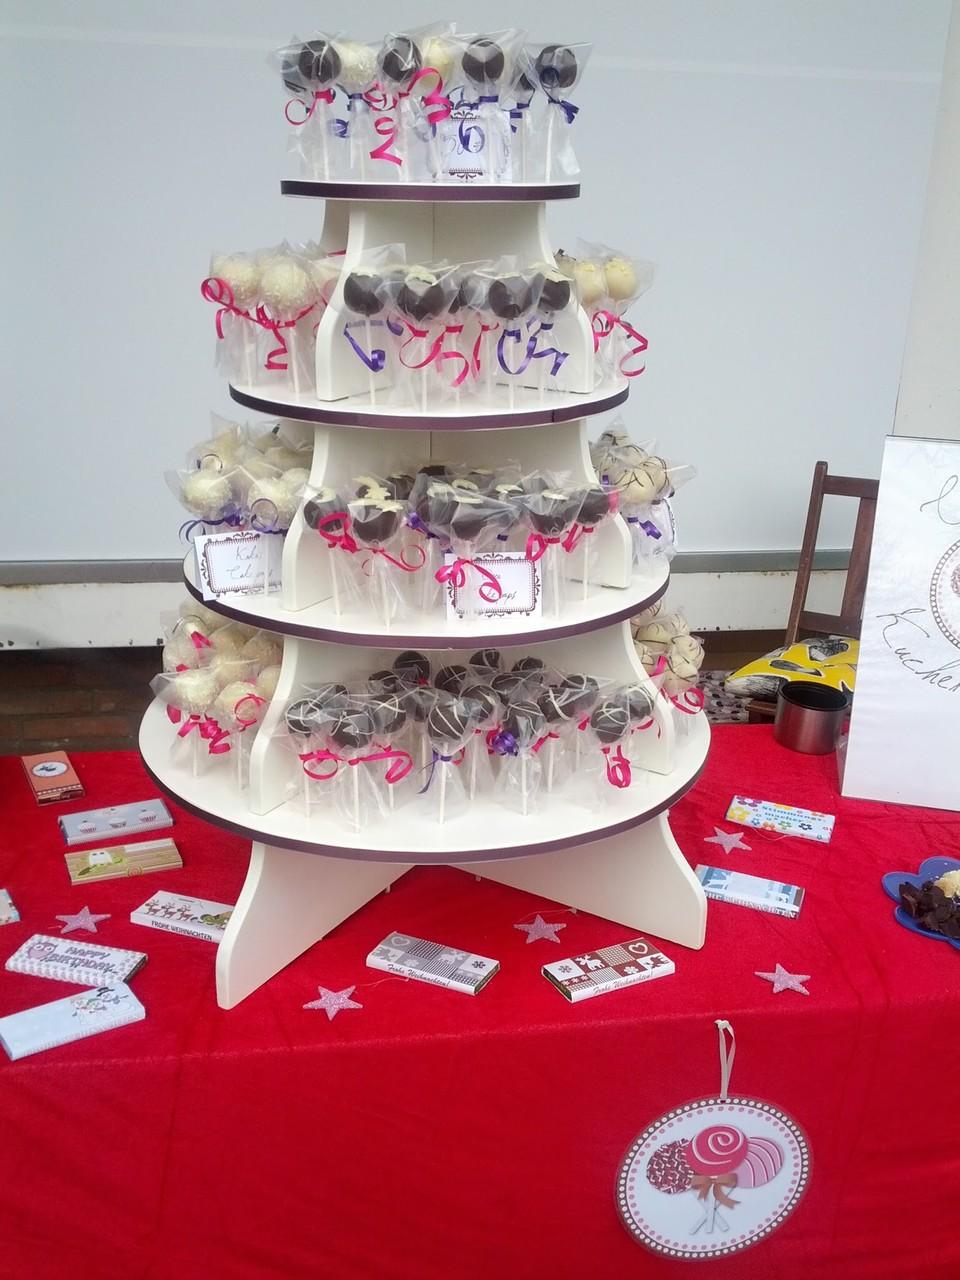 cake pops auf einer großen Etagere - so kommen sie besonders gut zur Geltung, z.B. als Hochzeitstorte